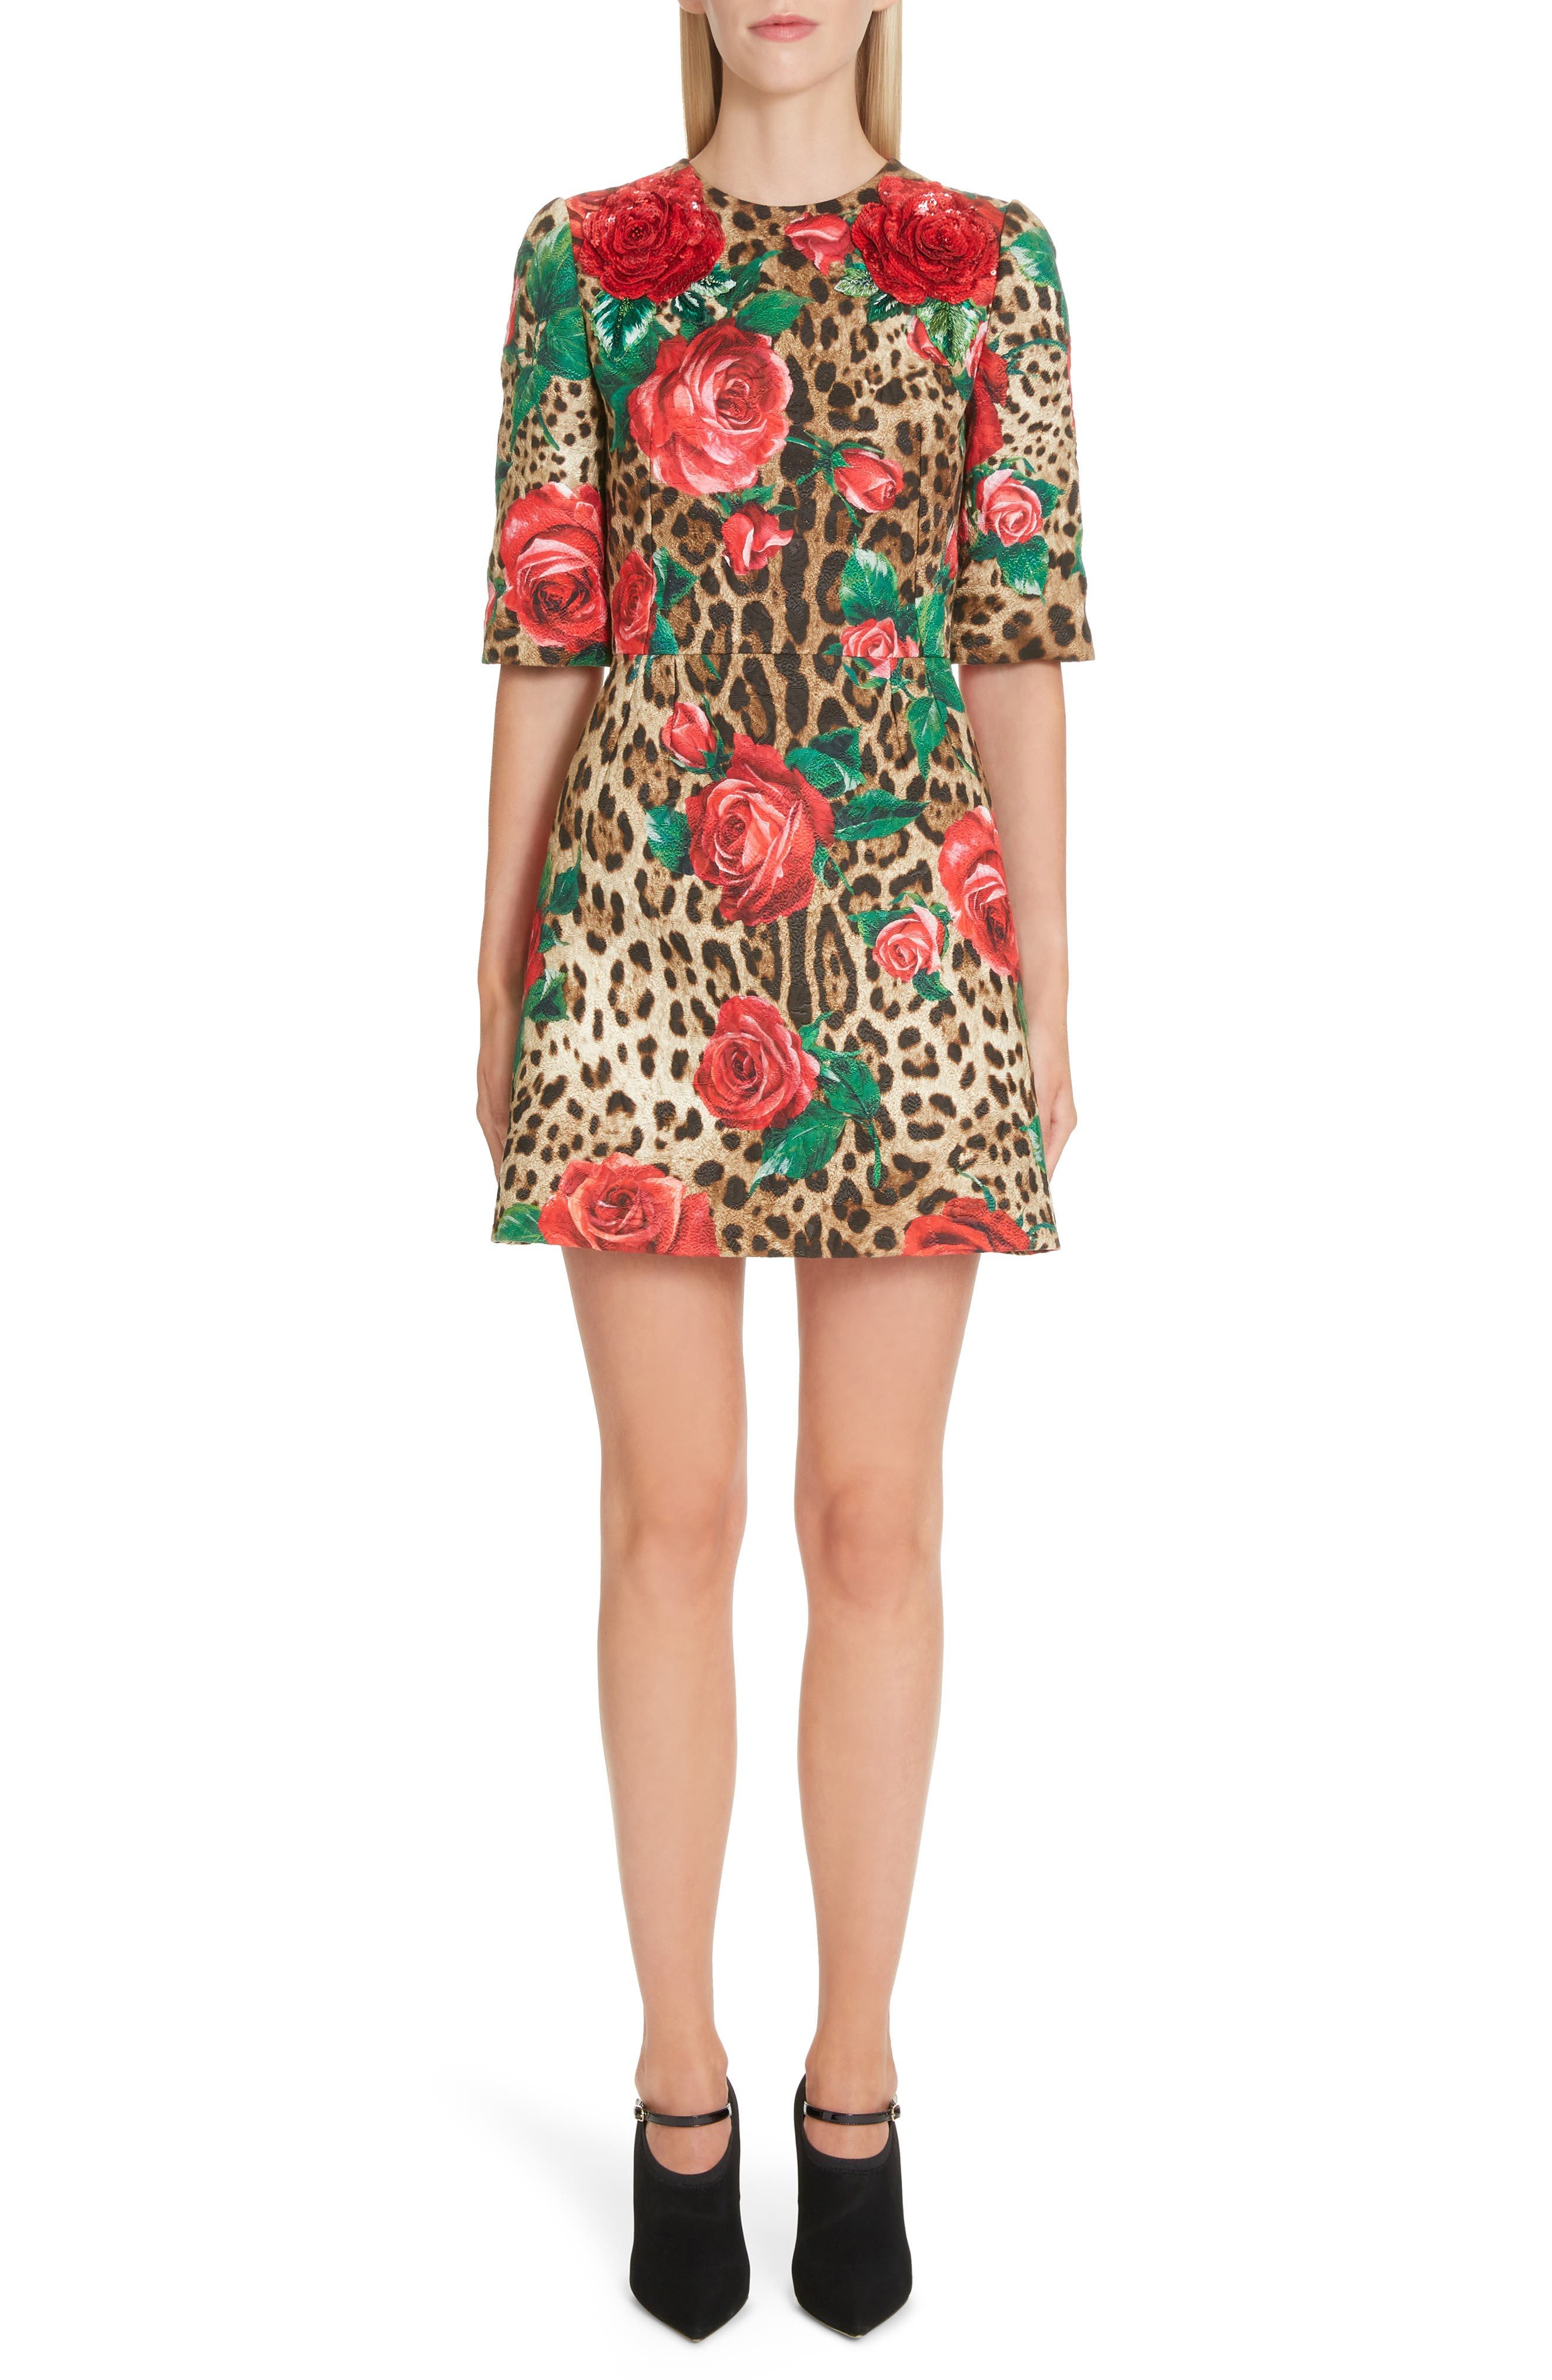 Dolce & gabbana Embellished Rose & Leopard Print Brocade Dress, US / 40 IT - Brown